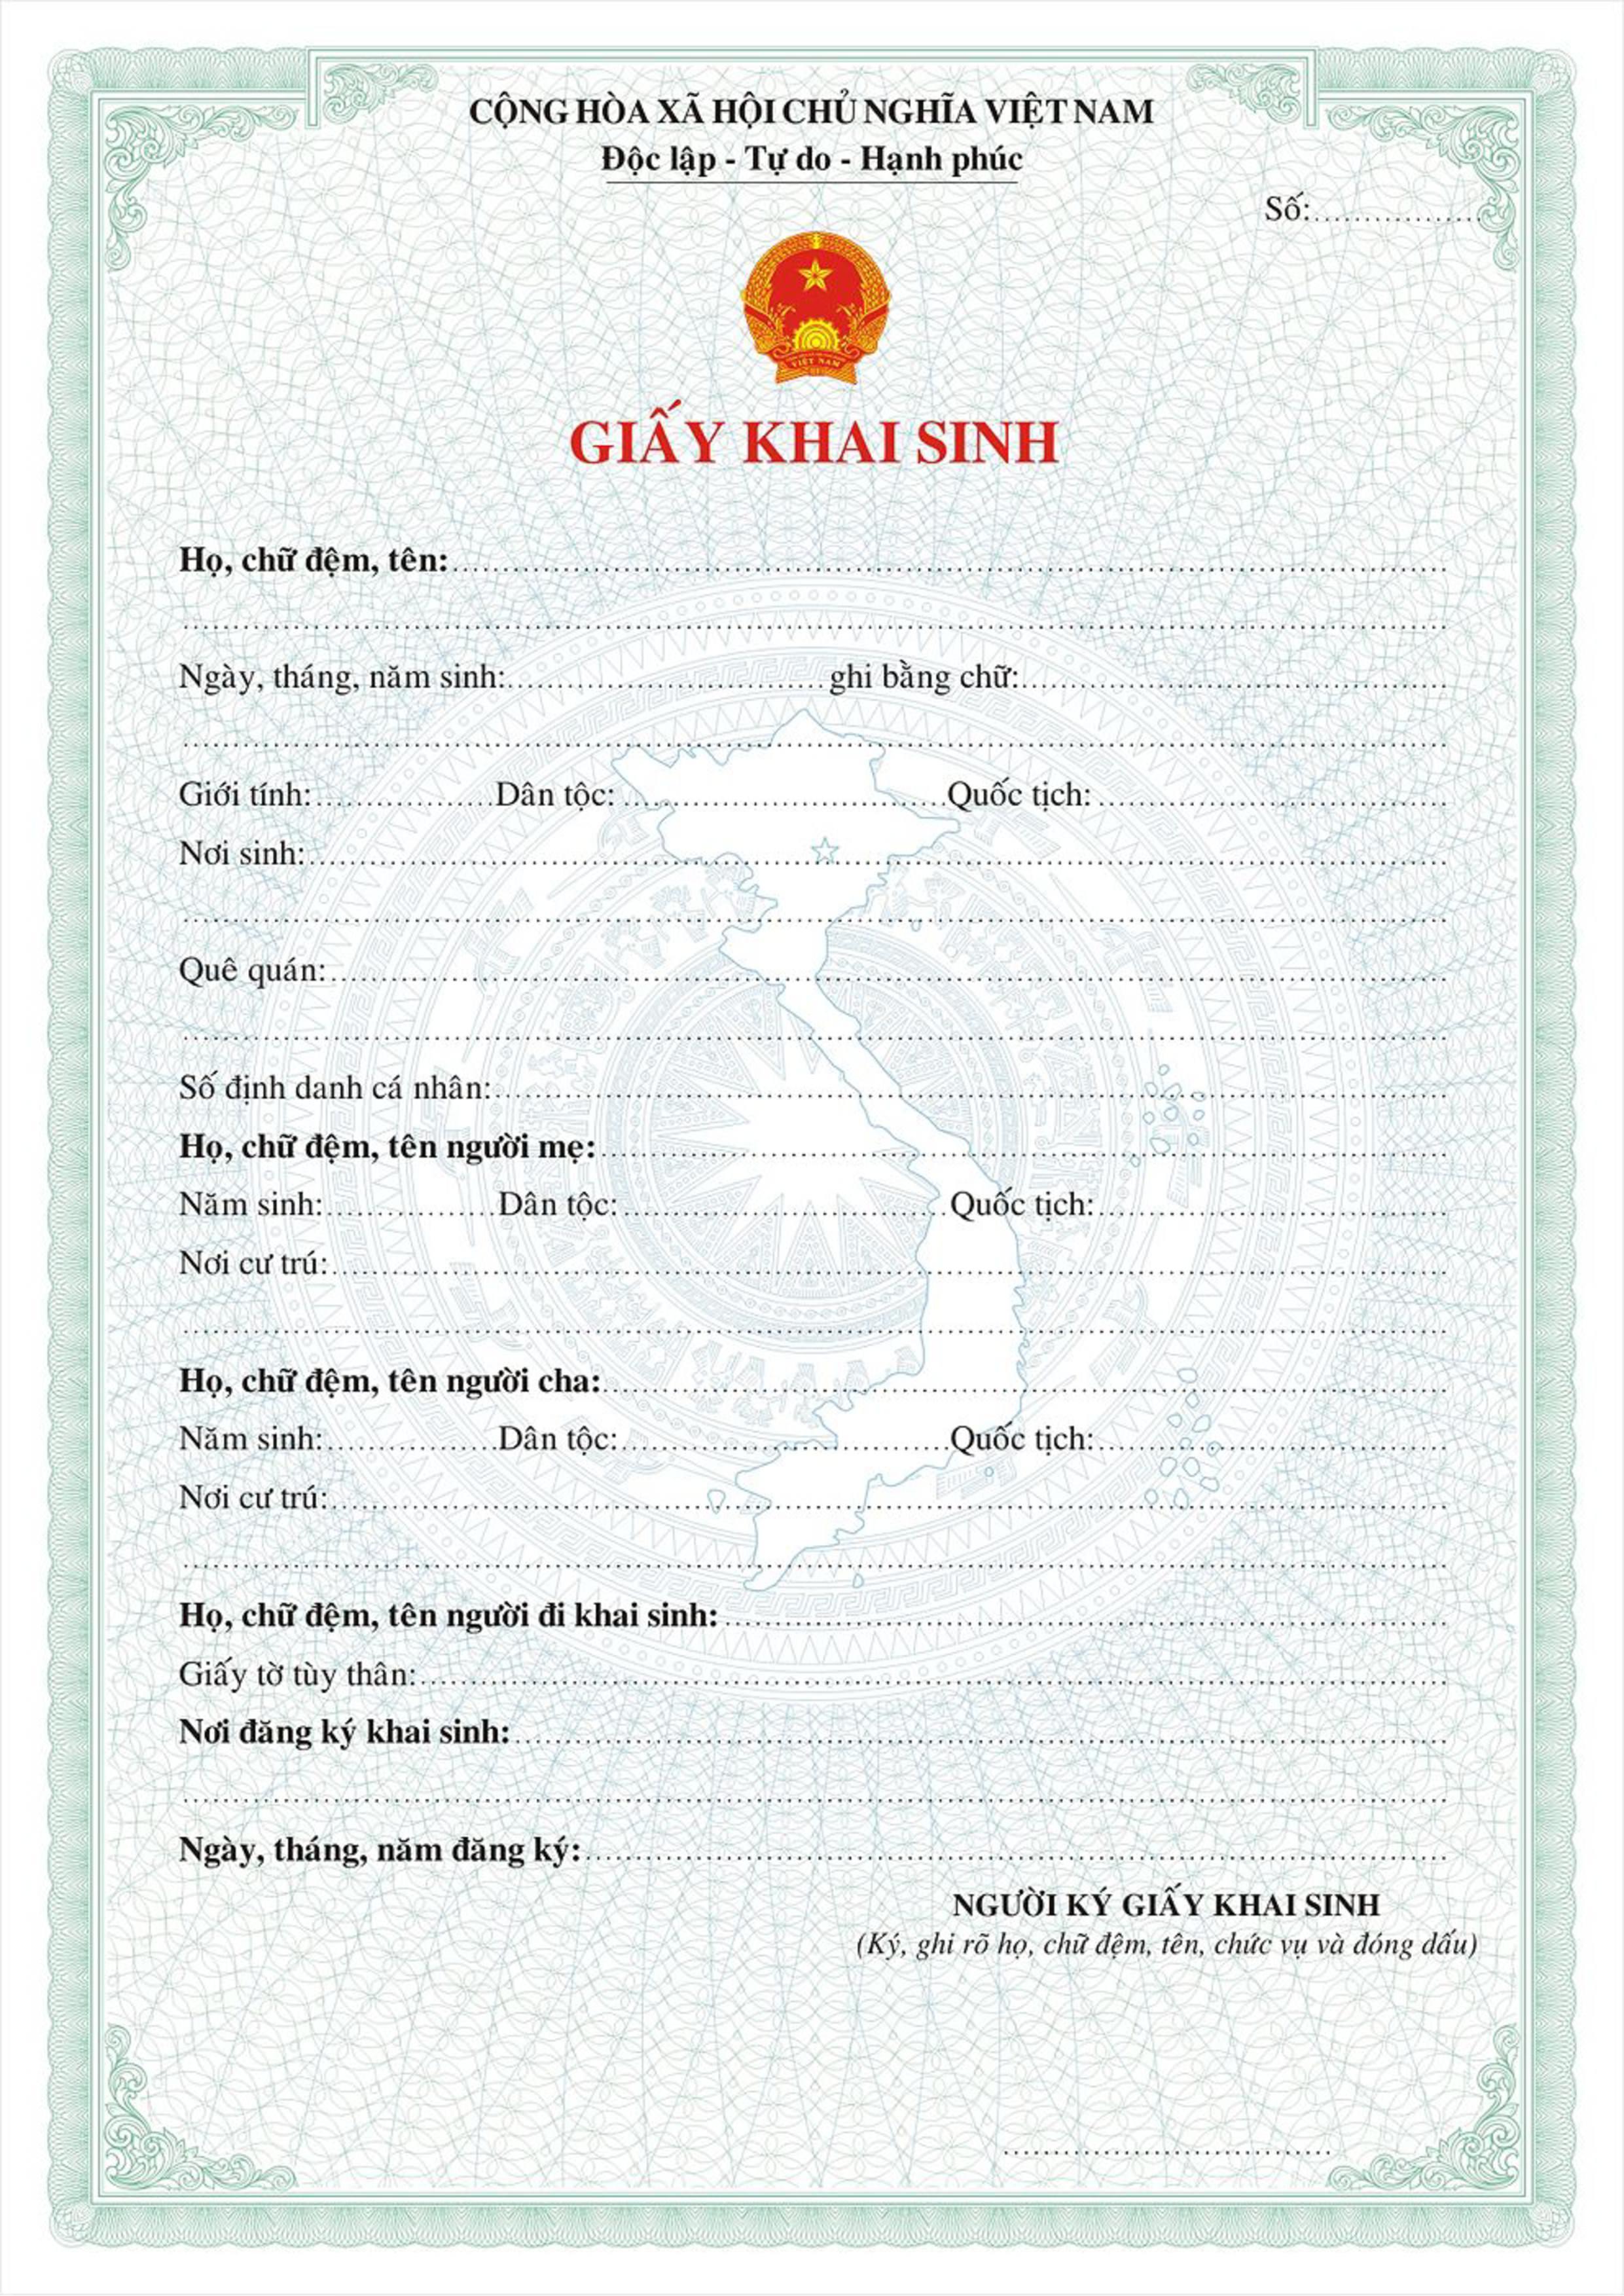 Cách ghi ngày tháng năm sinh trong giấy khai sinh theo quy định pháp luật